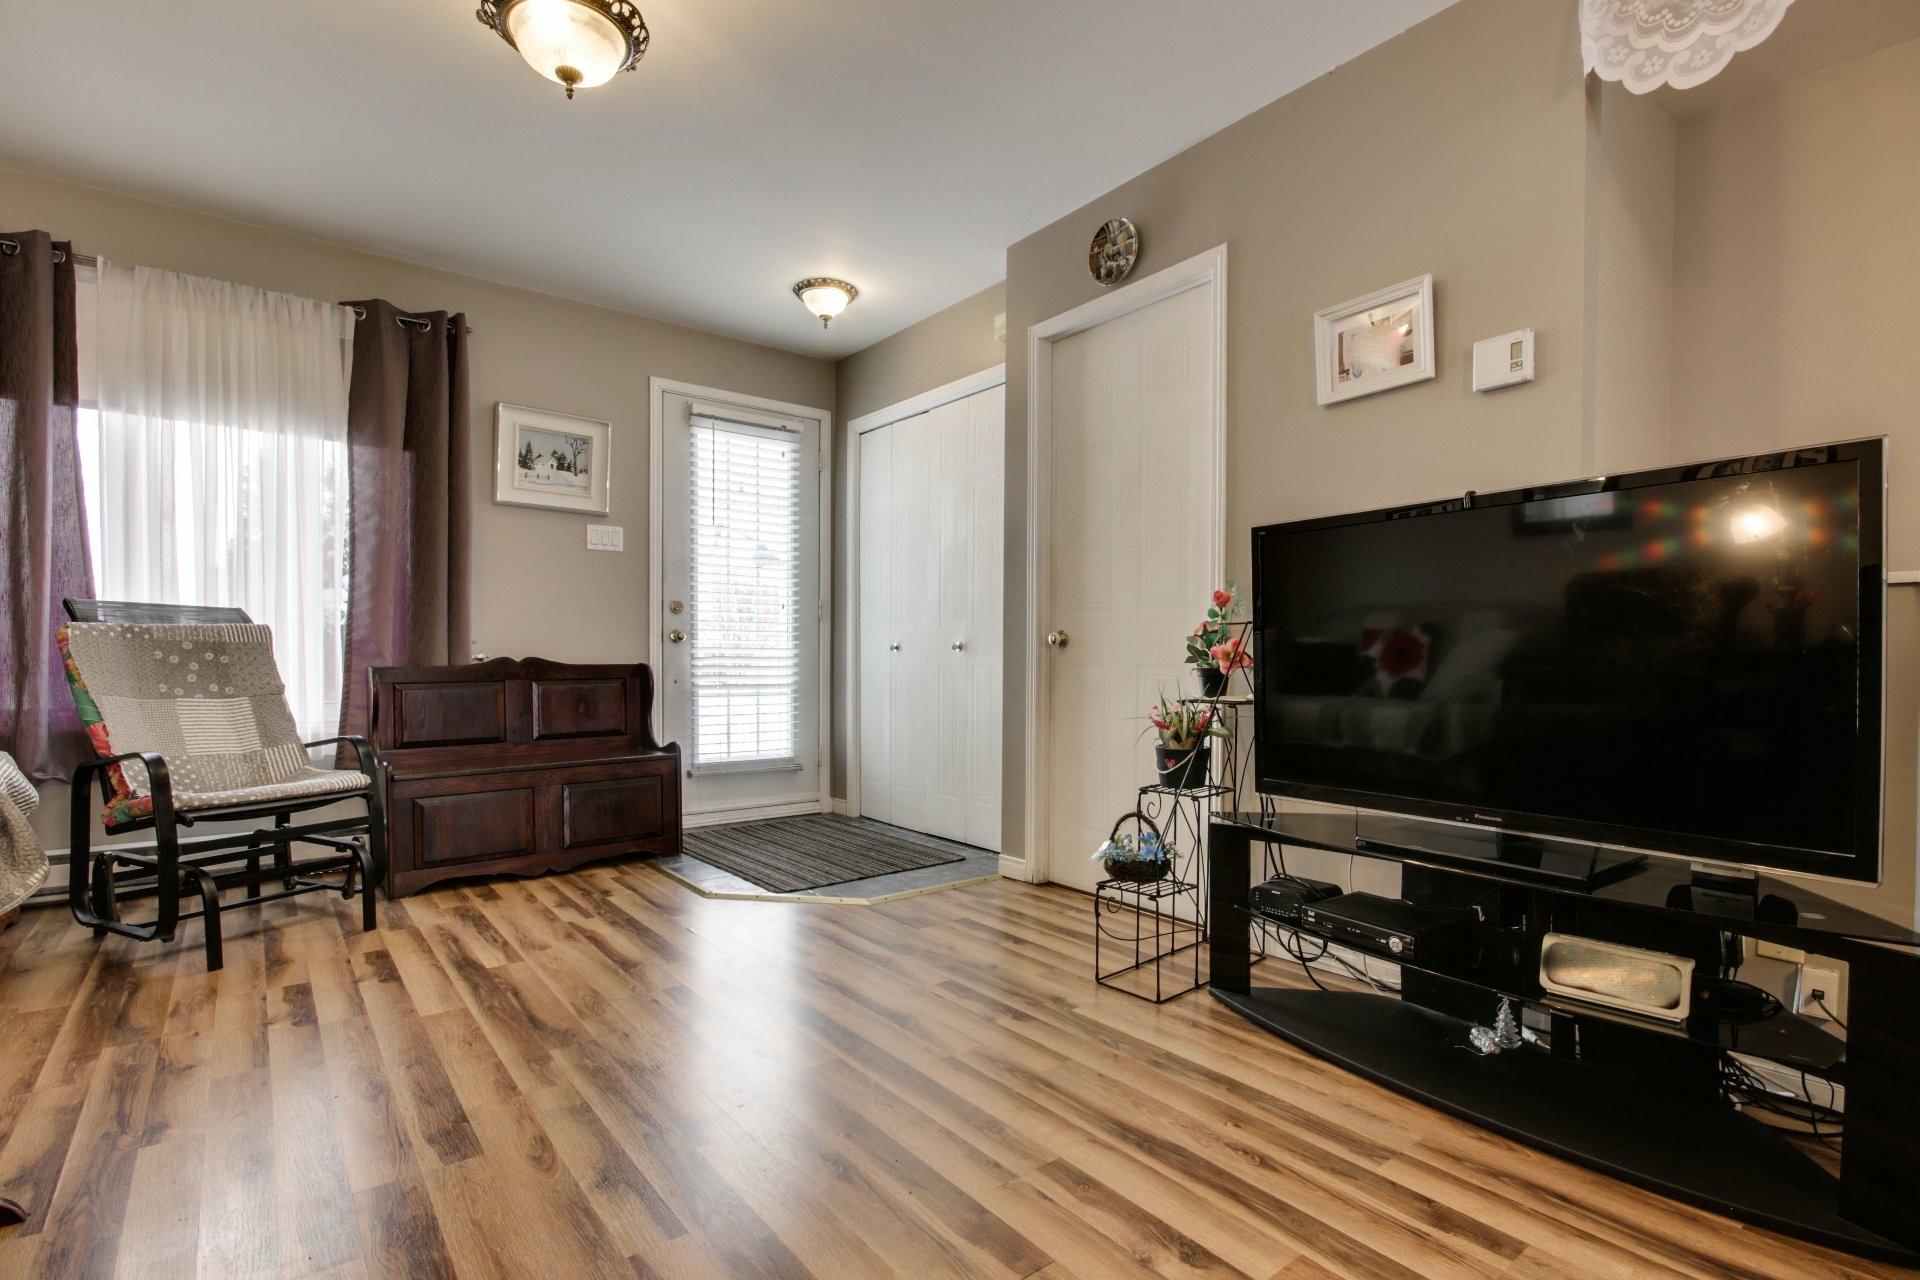 image 9 - House For sale Trois-Rivières - 10 rooms